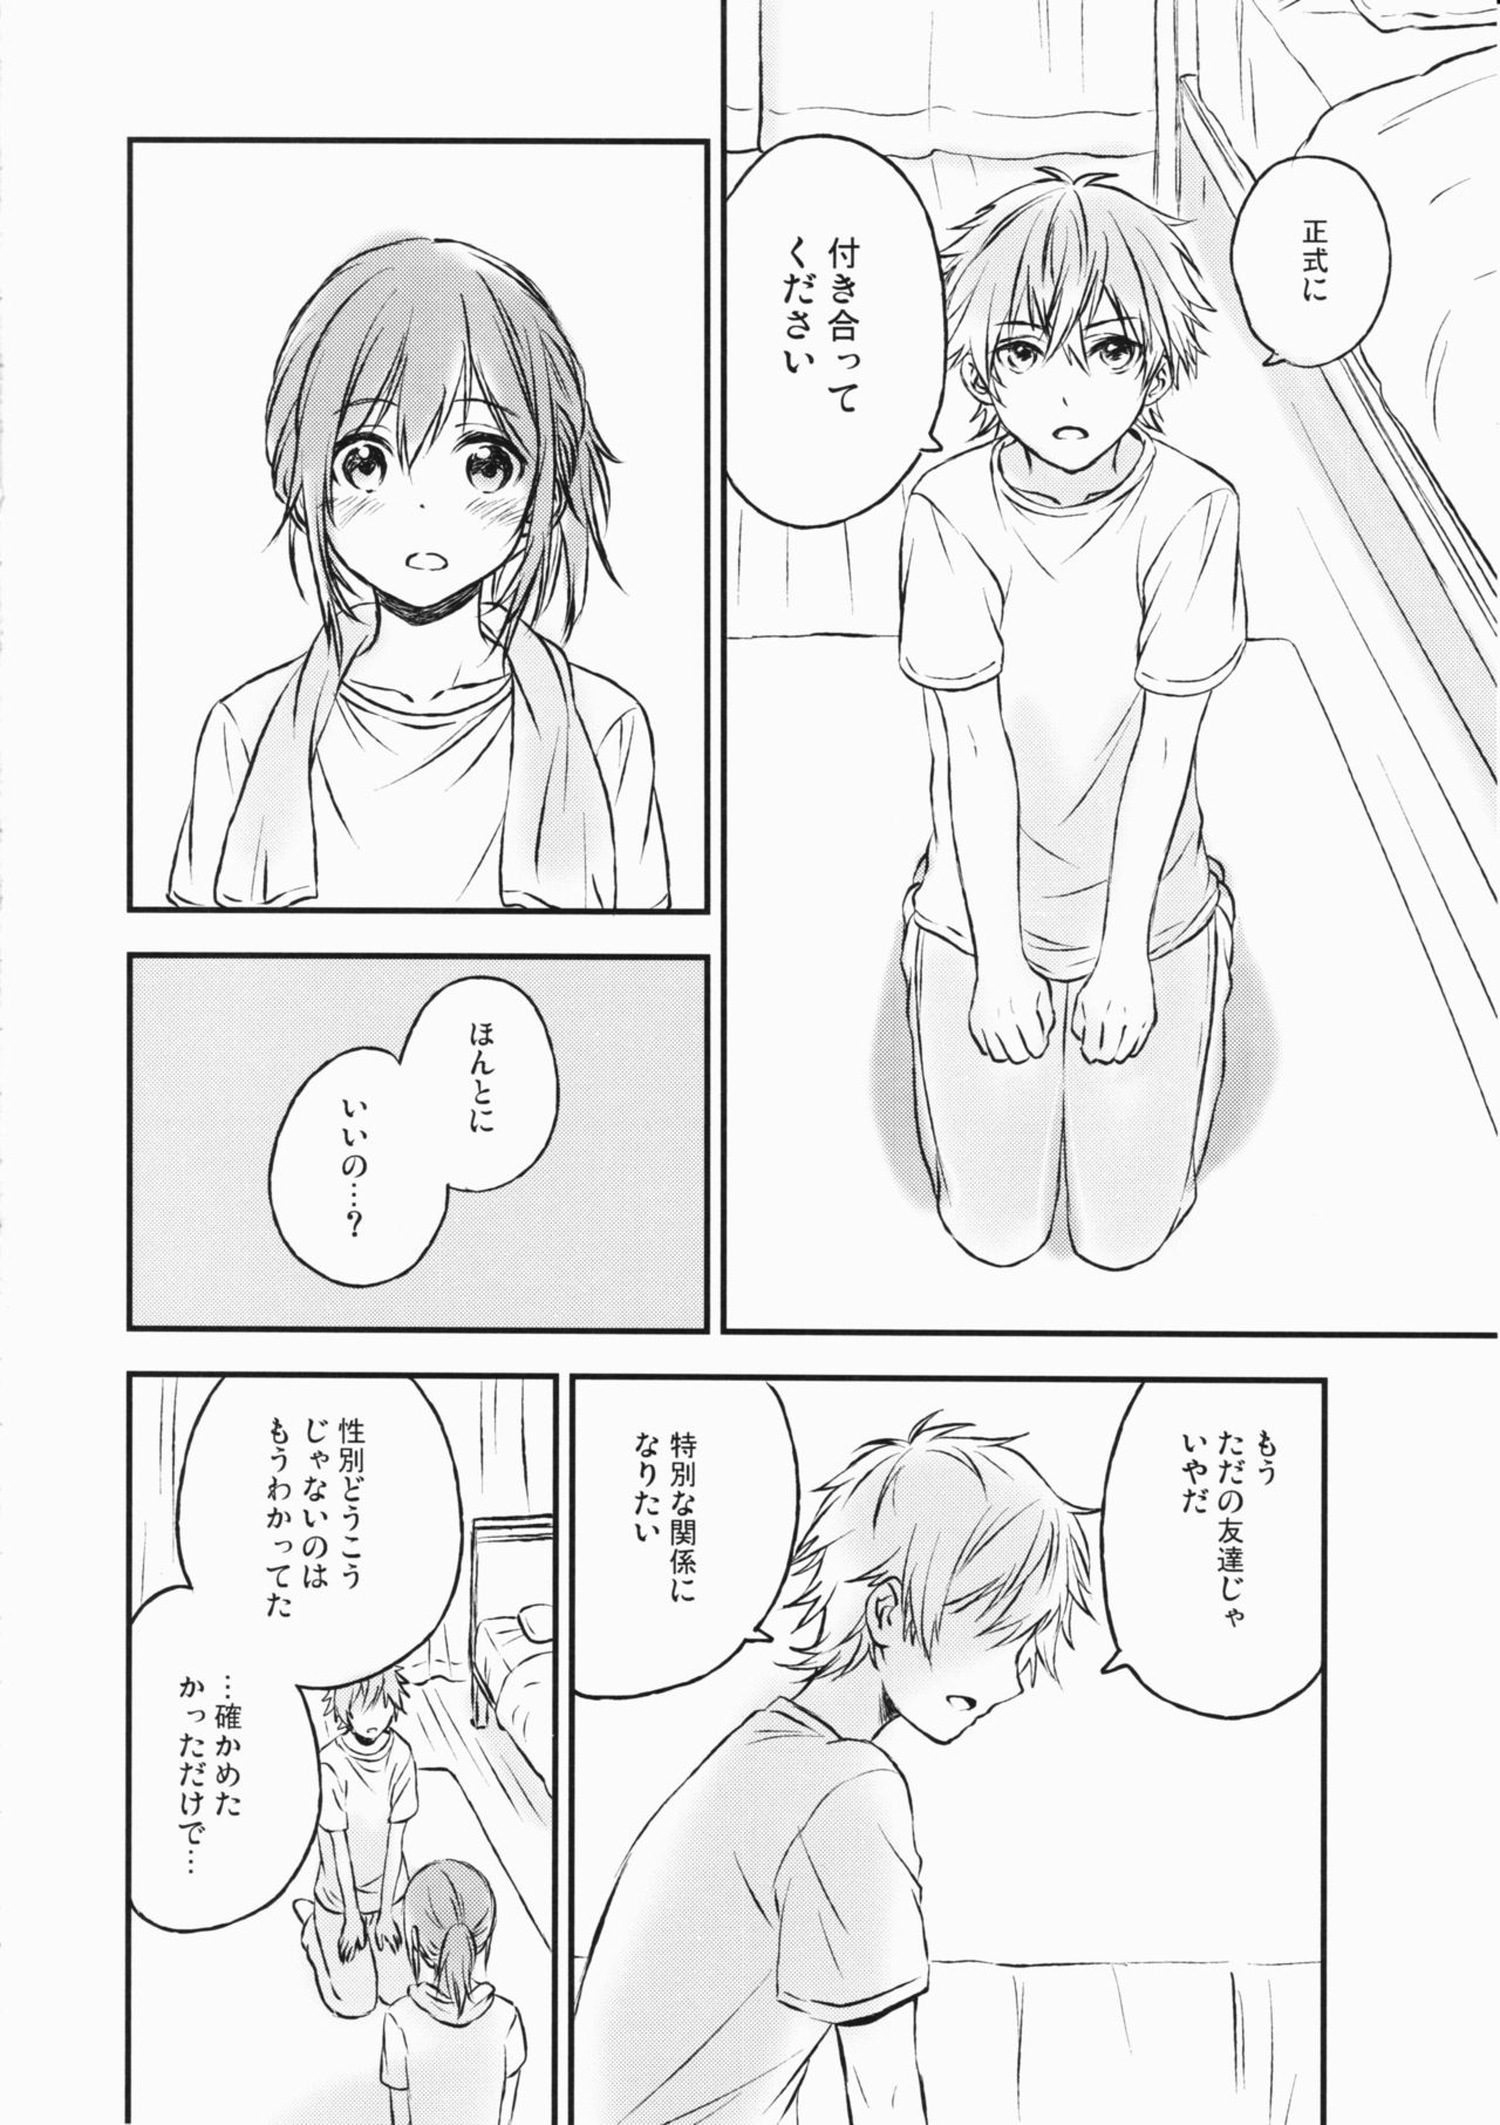 ポニーテールの女装男子とイチャラブセックスwww【エロ漫画・エロ同人】 (29)